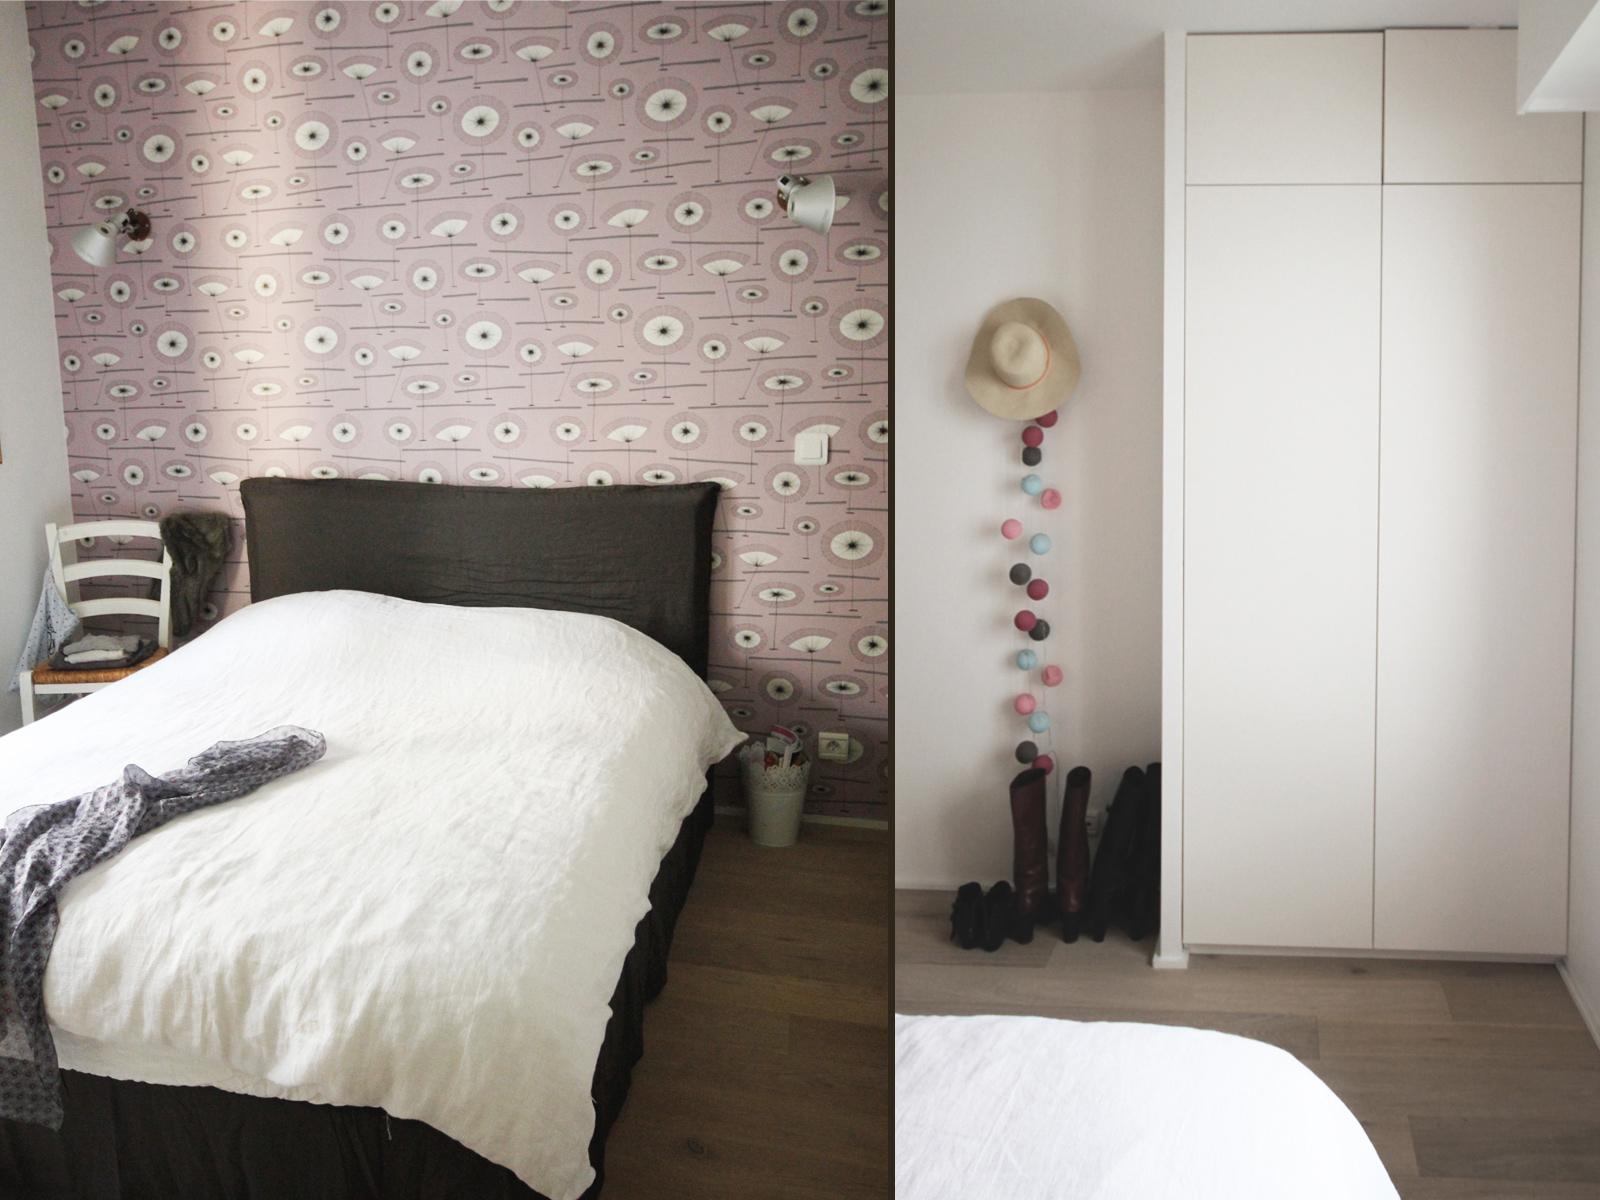 Déco Chambre Parentale Moderne Et Cocooning - #chambre dedans